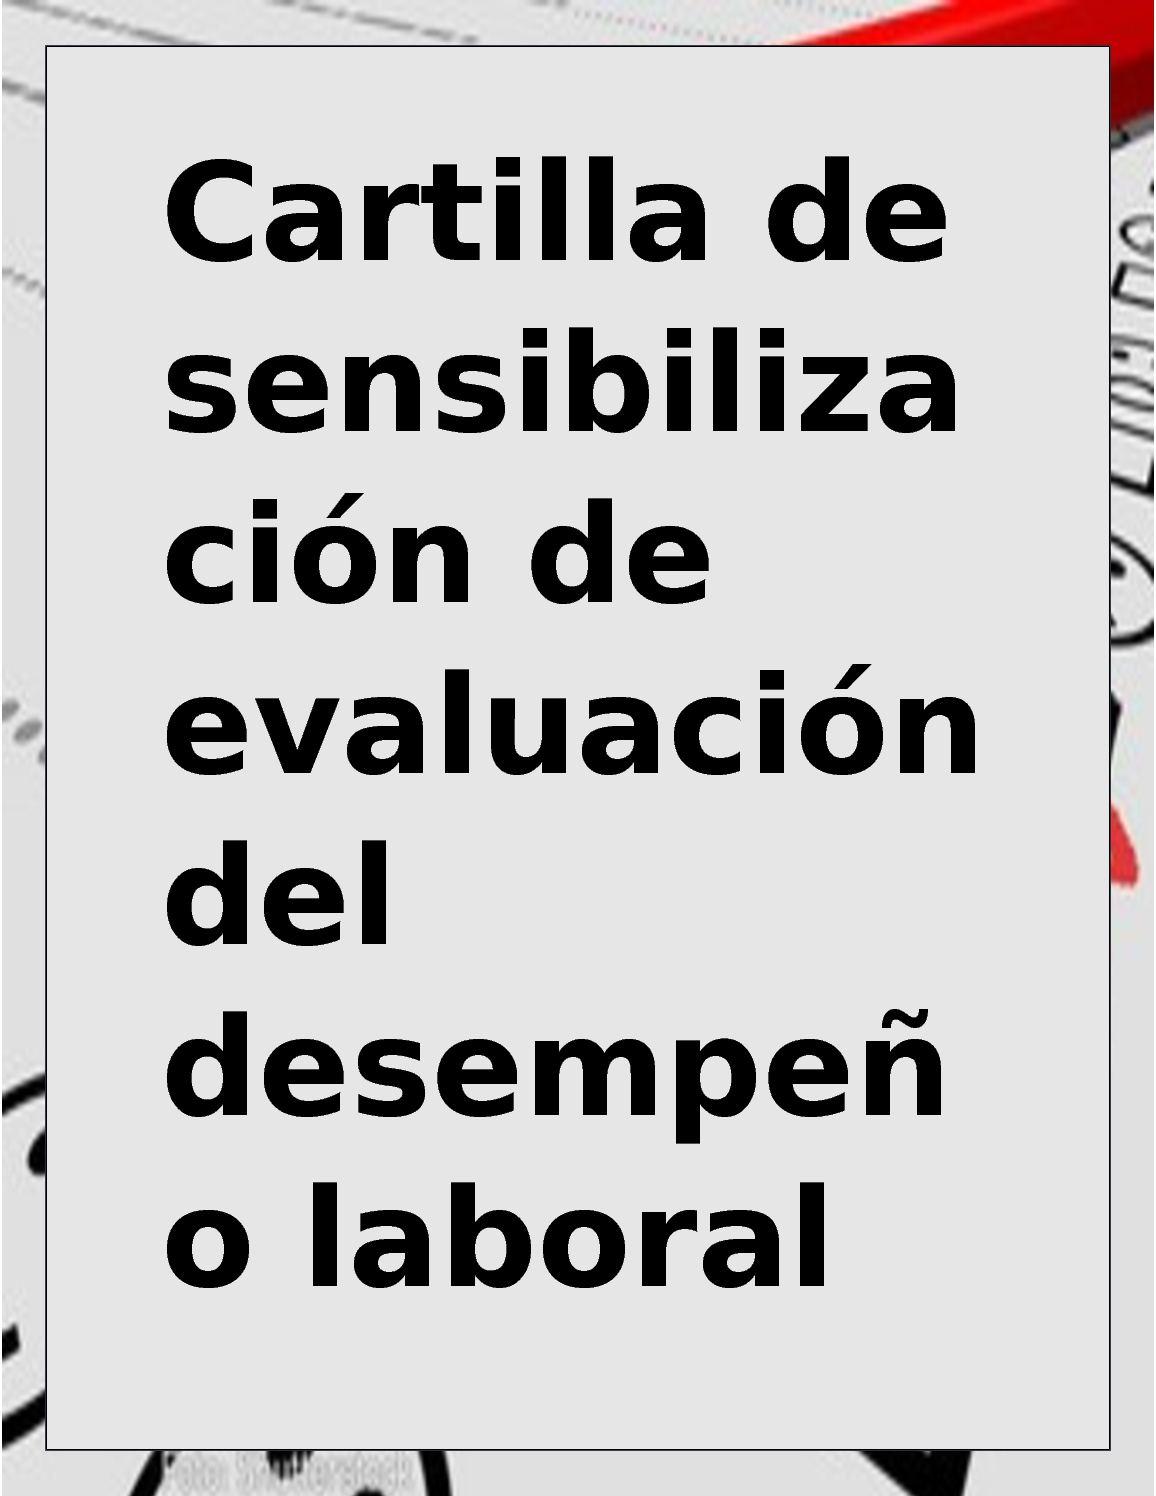 Cartilla De Sensibilizacion De Evaluacion Del Desempeño Laboral